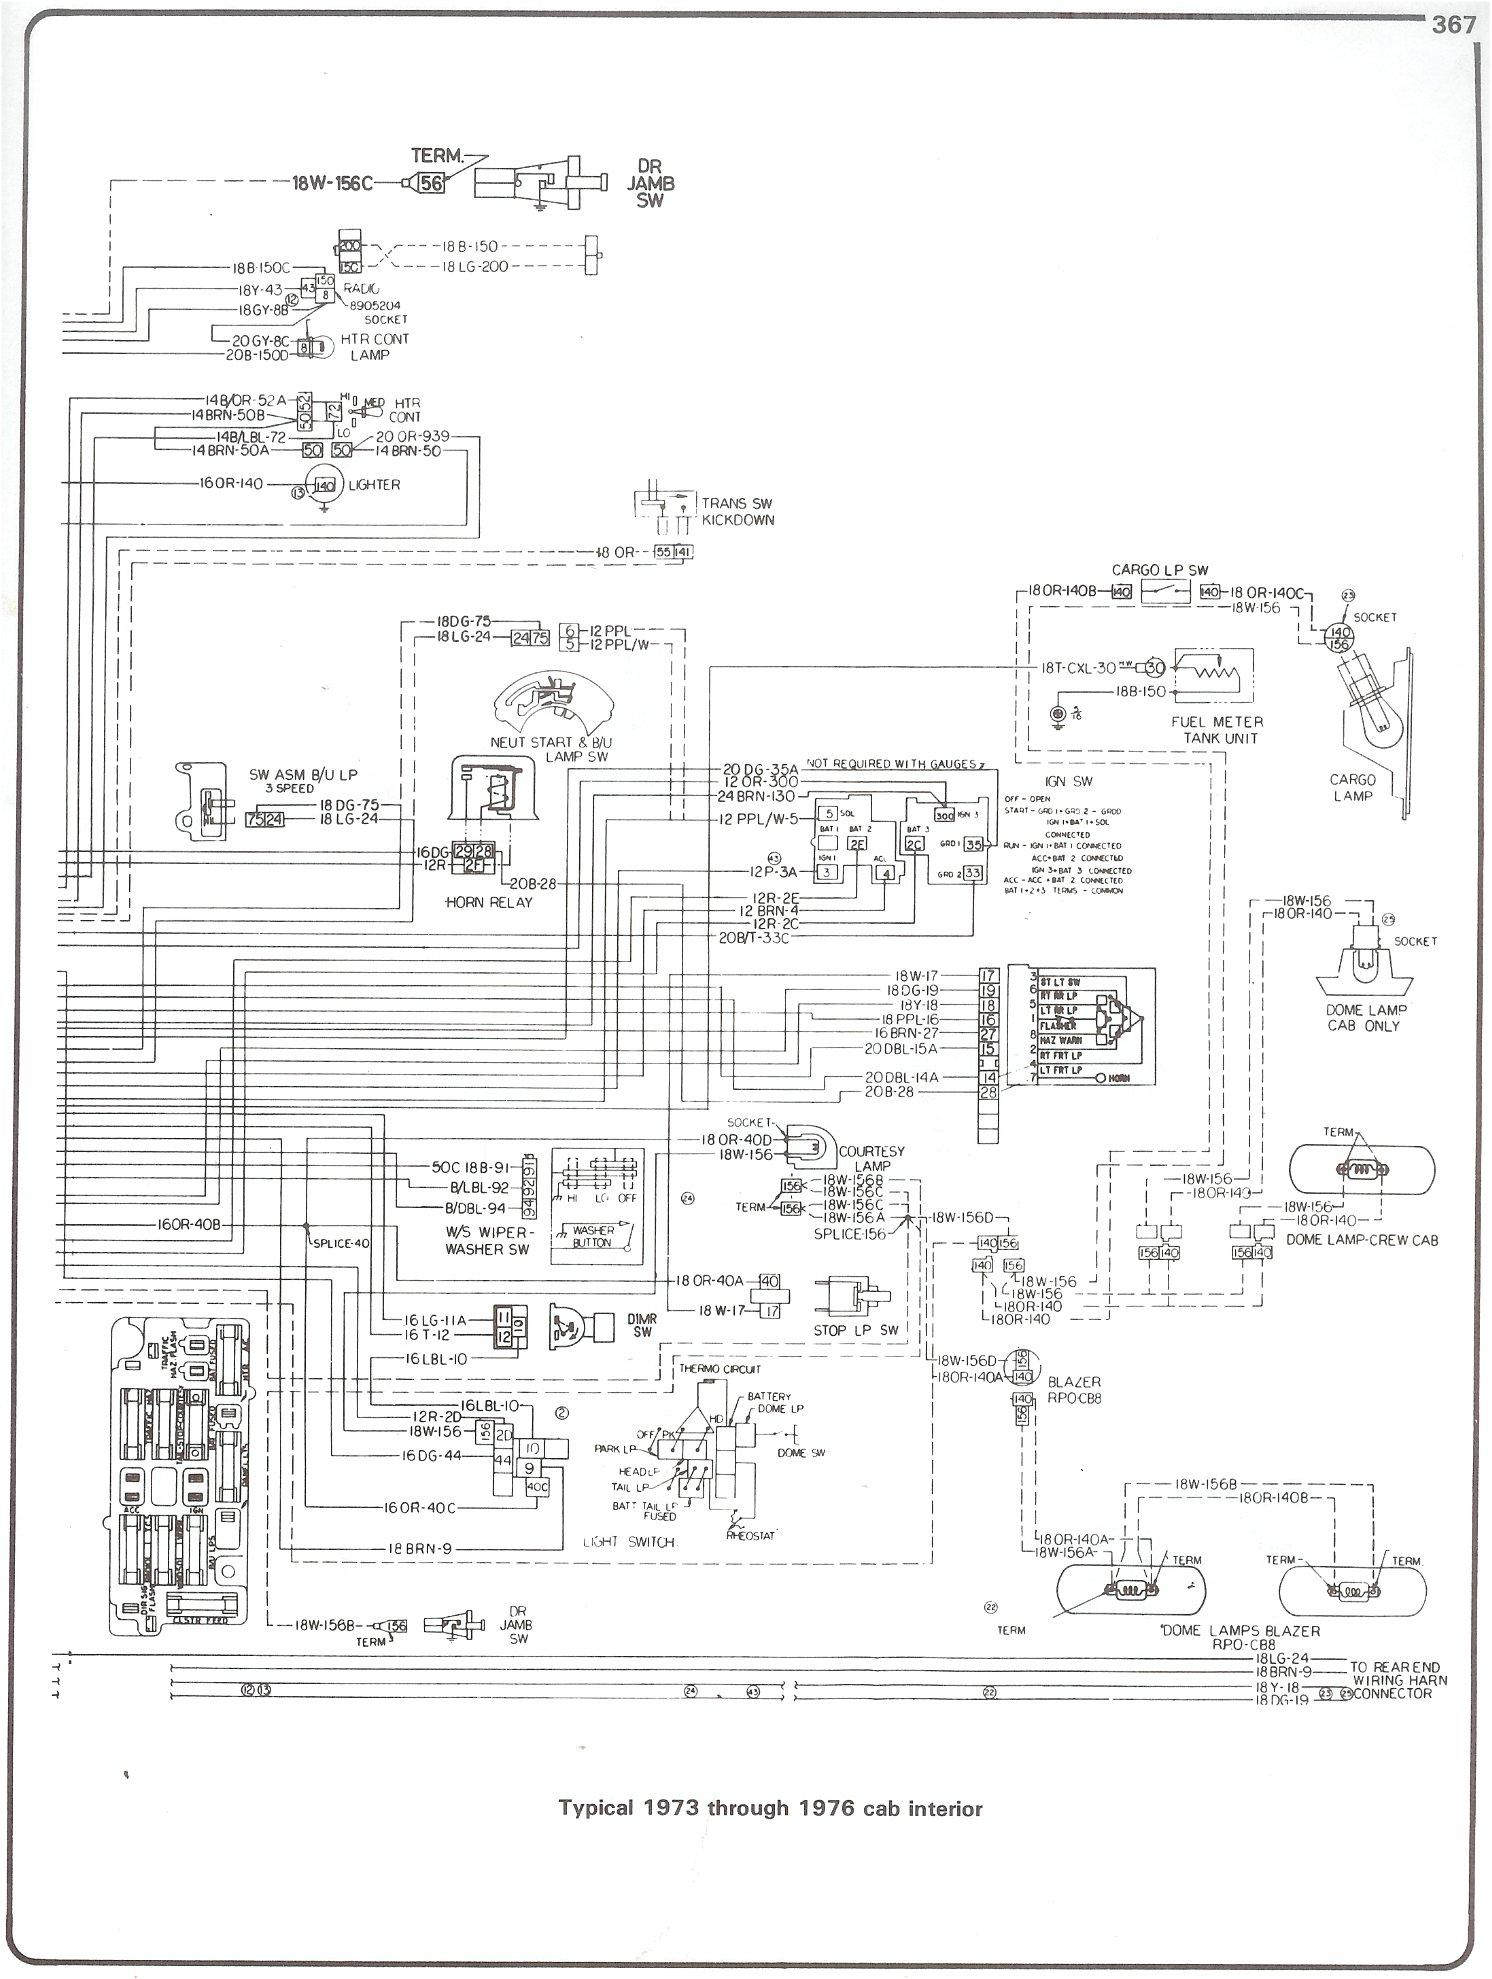 04 Silverado Dash Cluster Wiring Diagram : silverado, cluster, wiring, diagram, Chevy, Silverado, Instrument, Cluster, Wiring, Diagram, MotoGuruMag